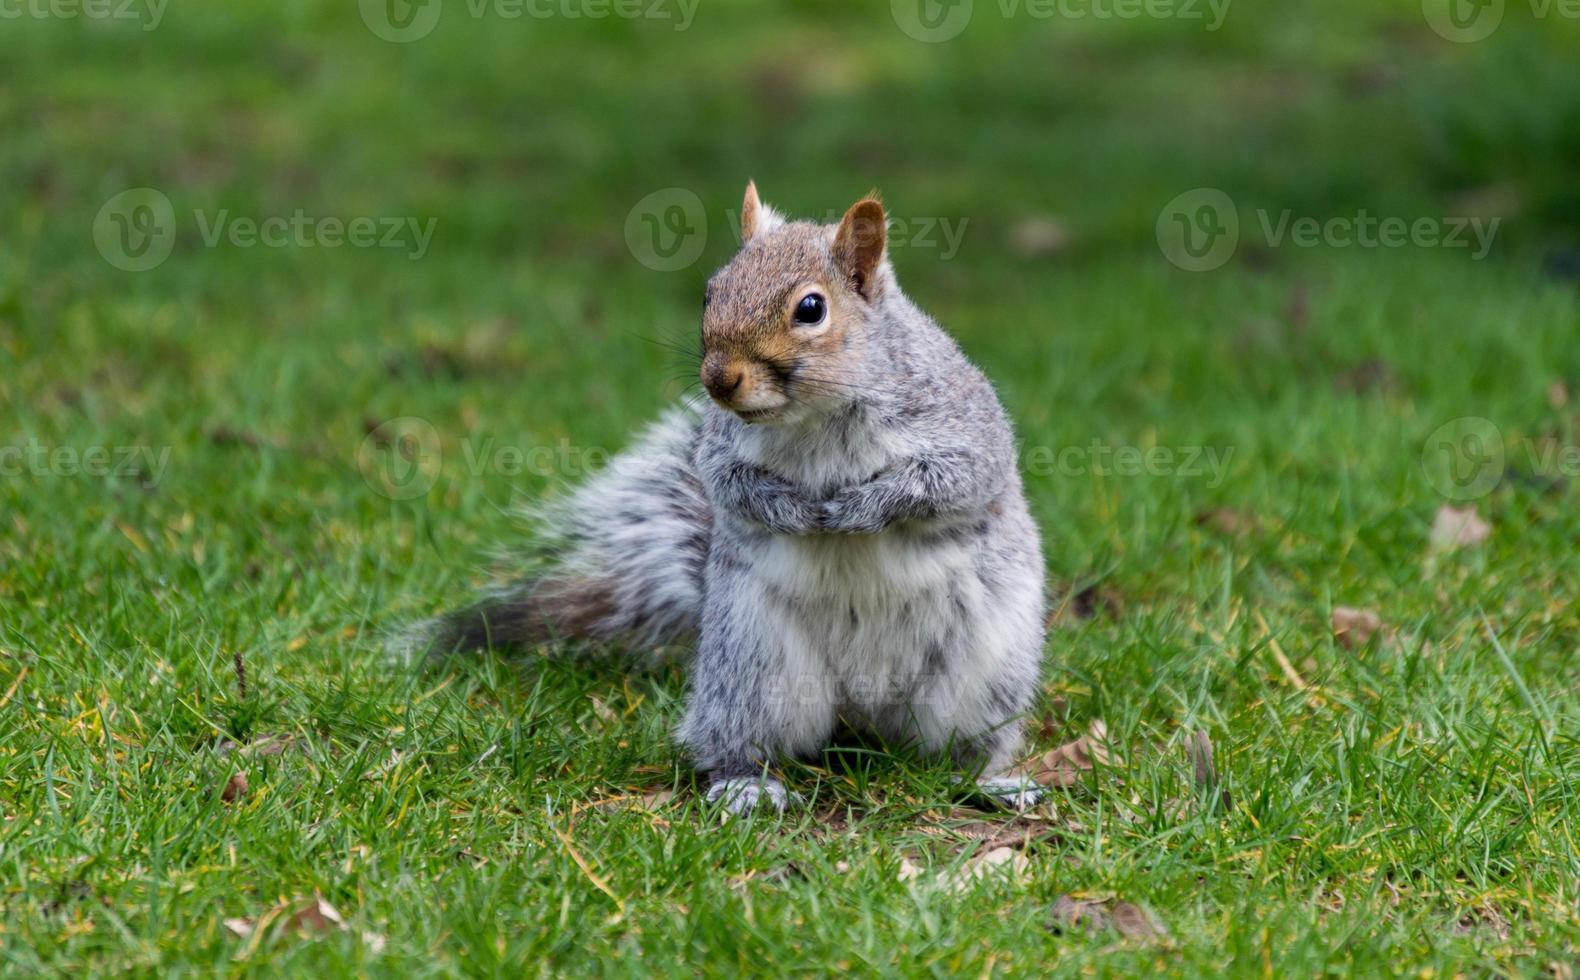 niedliches graues Eichhörnchen, das auf Gras in einem Park steht foto